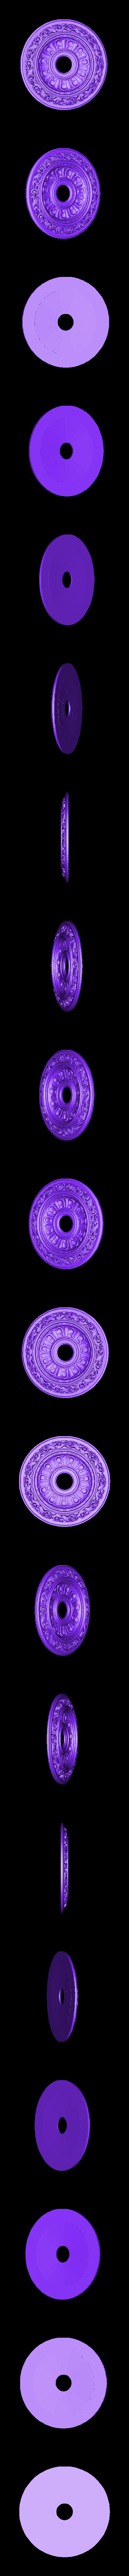 26.stl Télécharger fichier OBJ gratuit Moulures vintage pour vieux appartements classiques cnc art machine à router 3D printed • Modèle à imprimer en 3D, 3DPrinterFiles